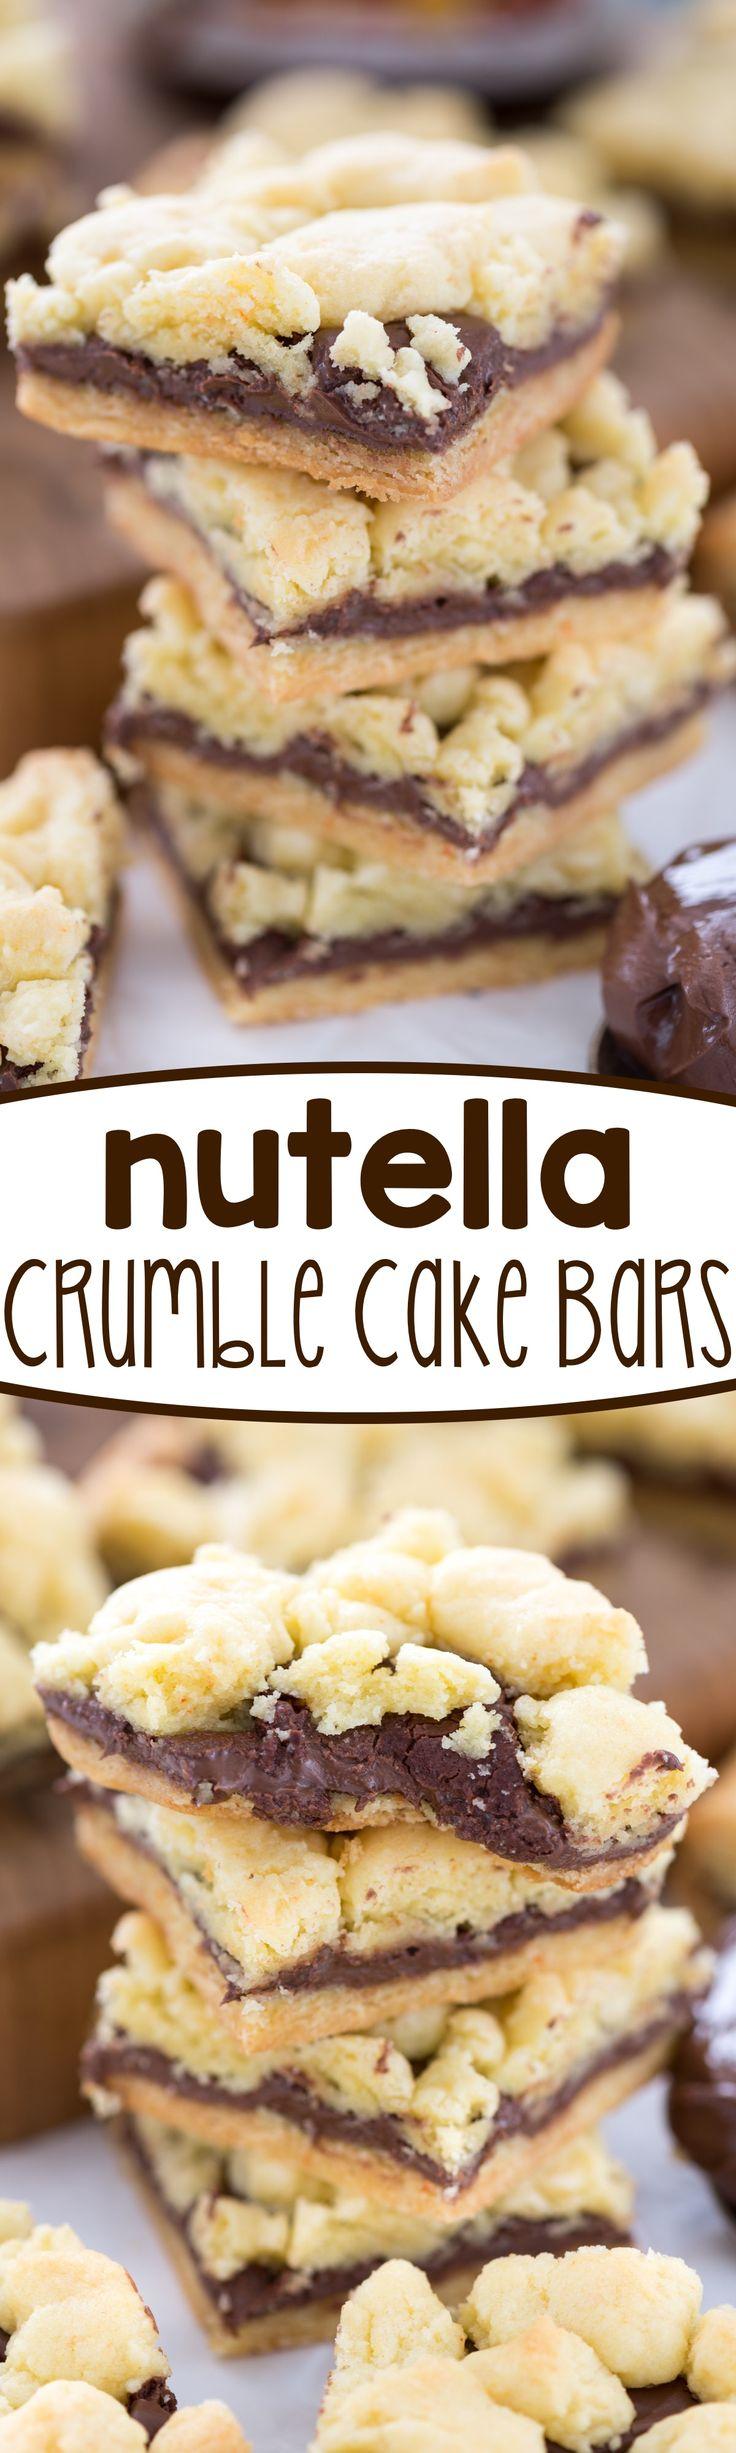 Nutella-Streusel-Kuchen Bars - diese einfache Kuchenteig Rezept ist eine Bar Cookie mit NUTELLA gefüllt !!  Gibt es etwas Besseres?